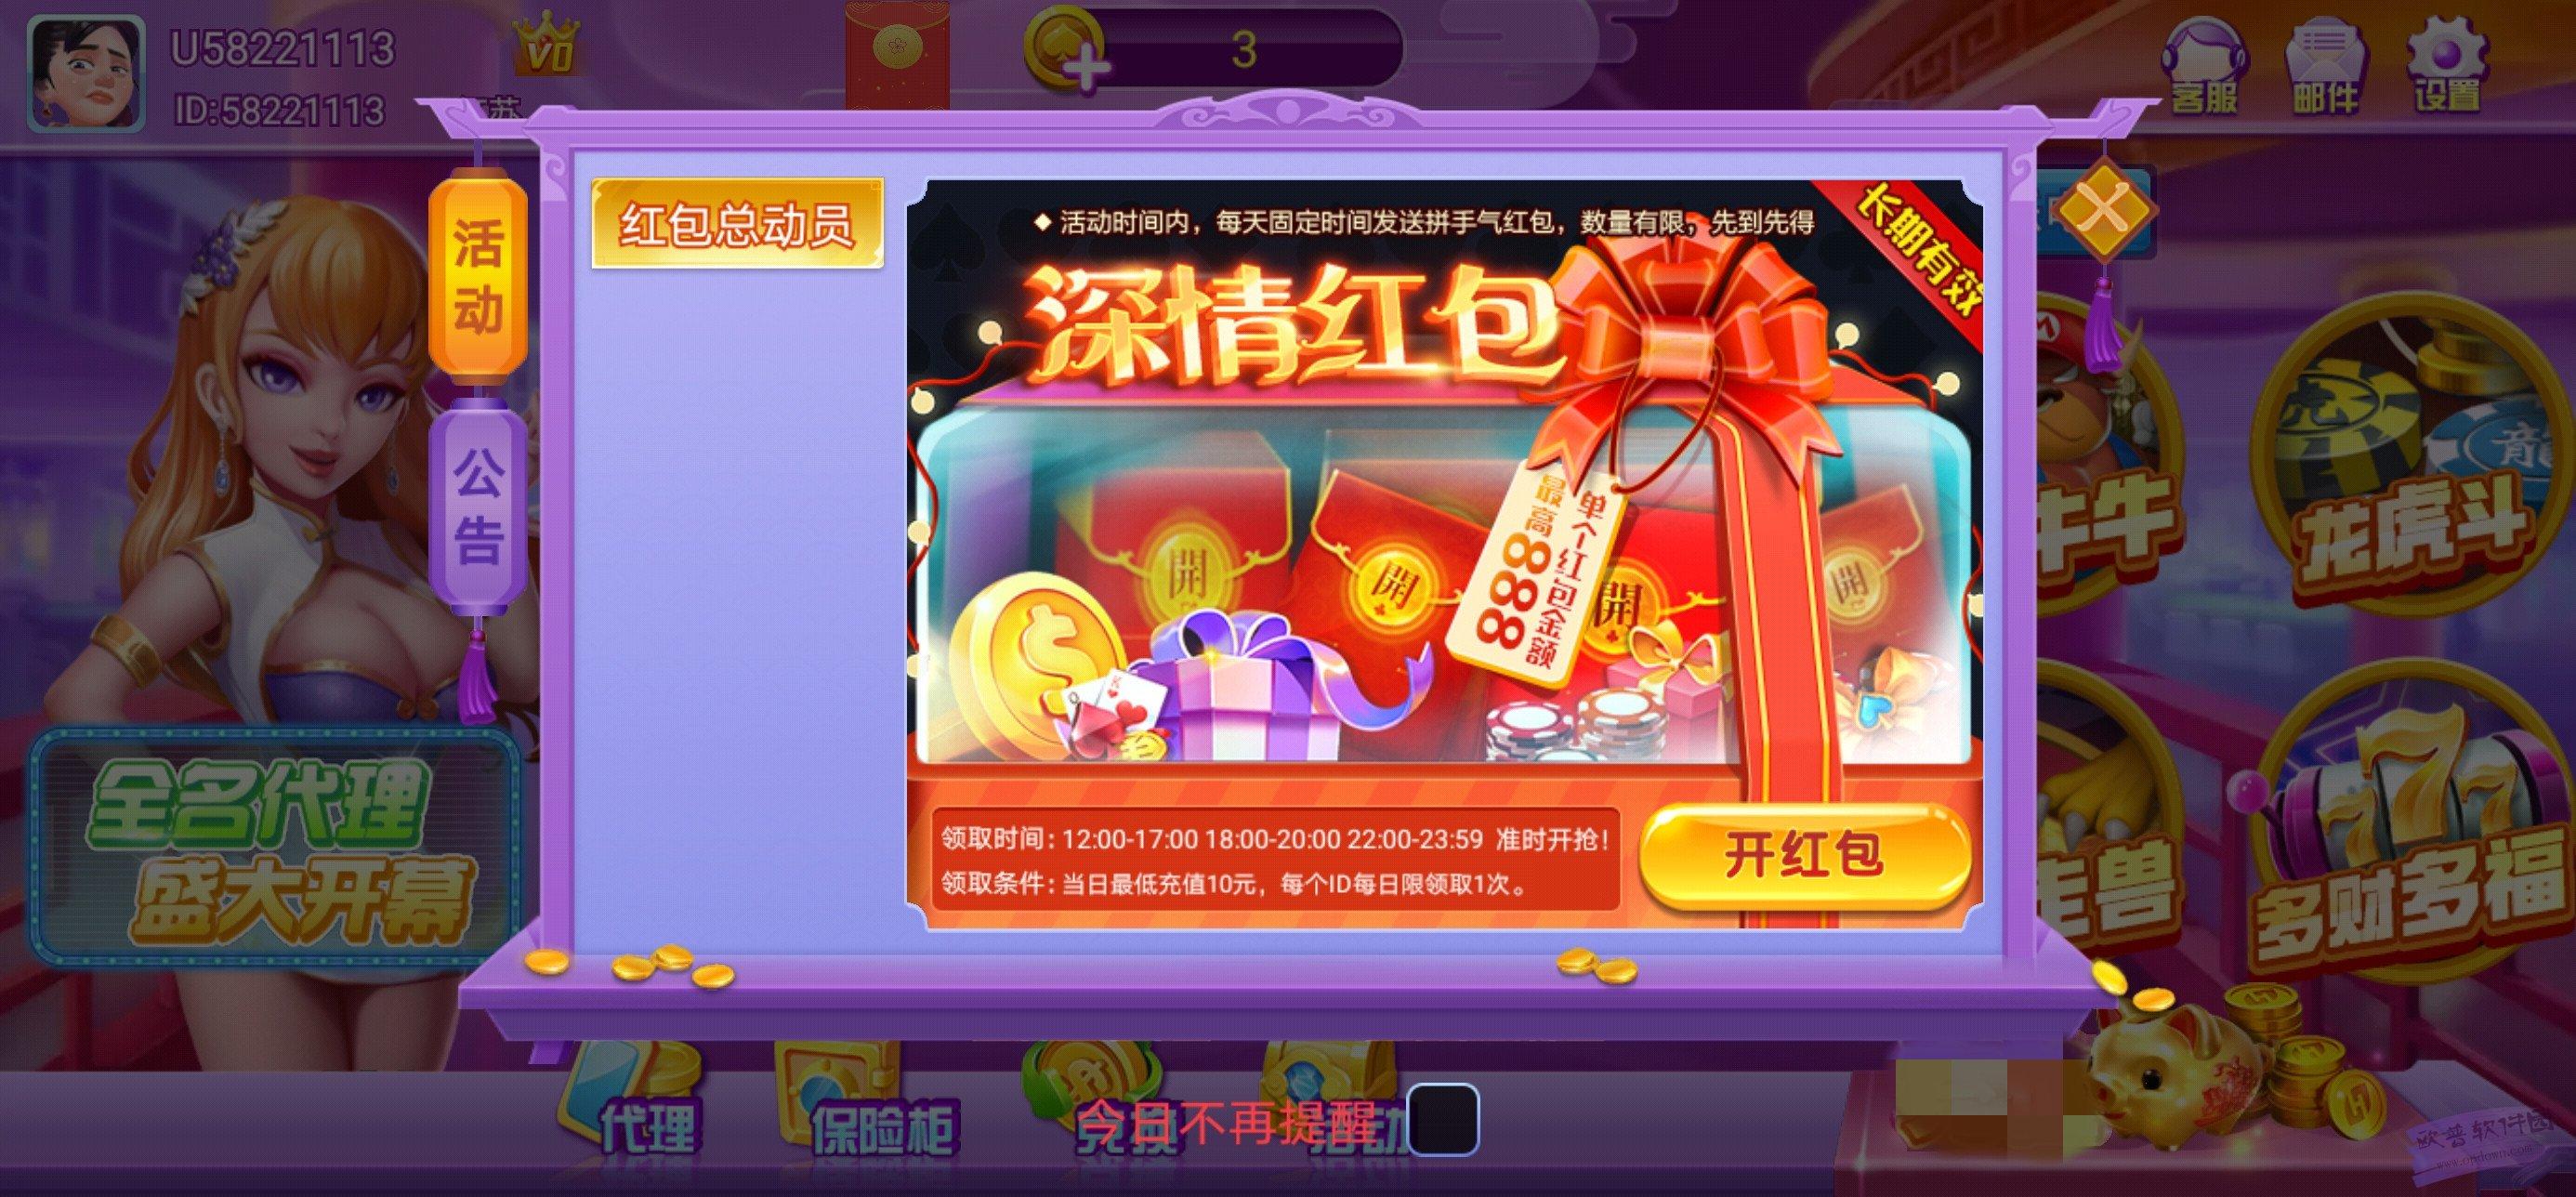 金鲤娱乐app